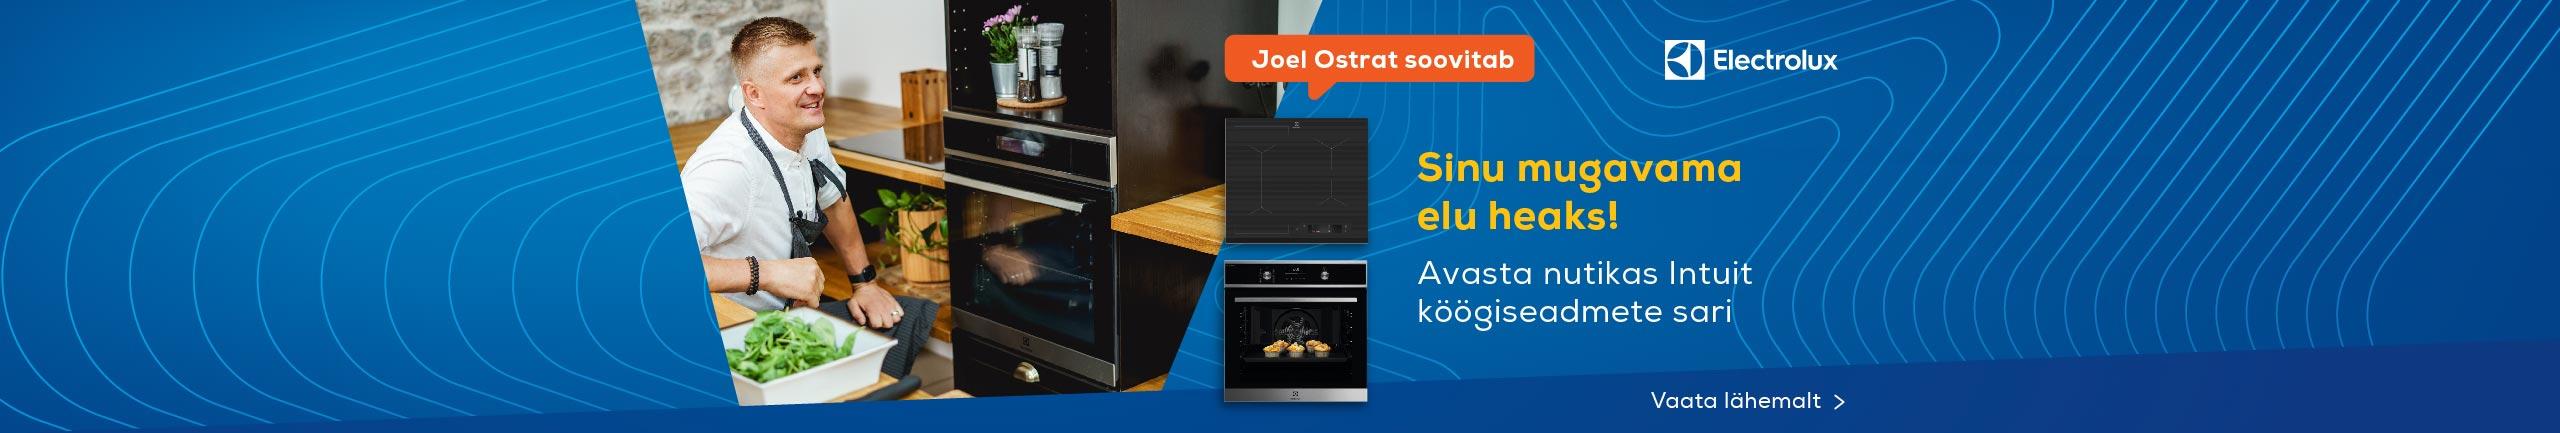 Electrolux Intuit - avasta nutikas integreeritud köögiseadmete sari